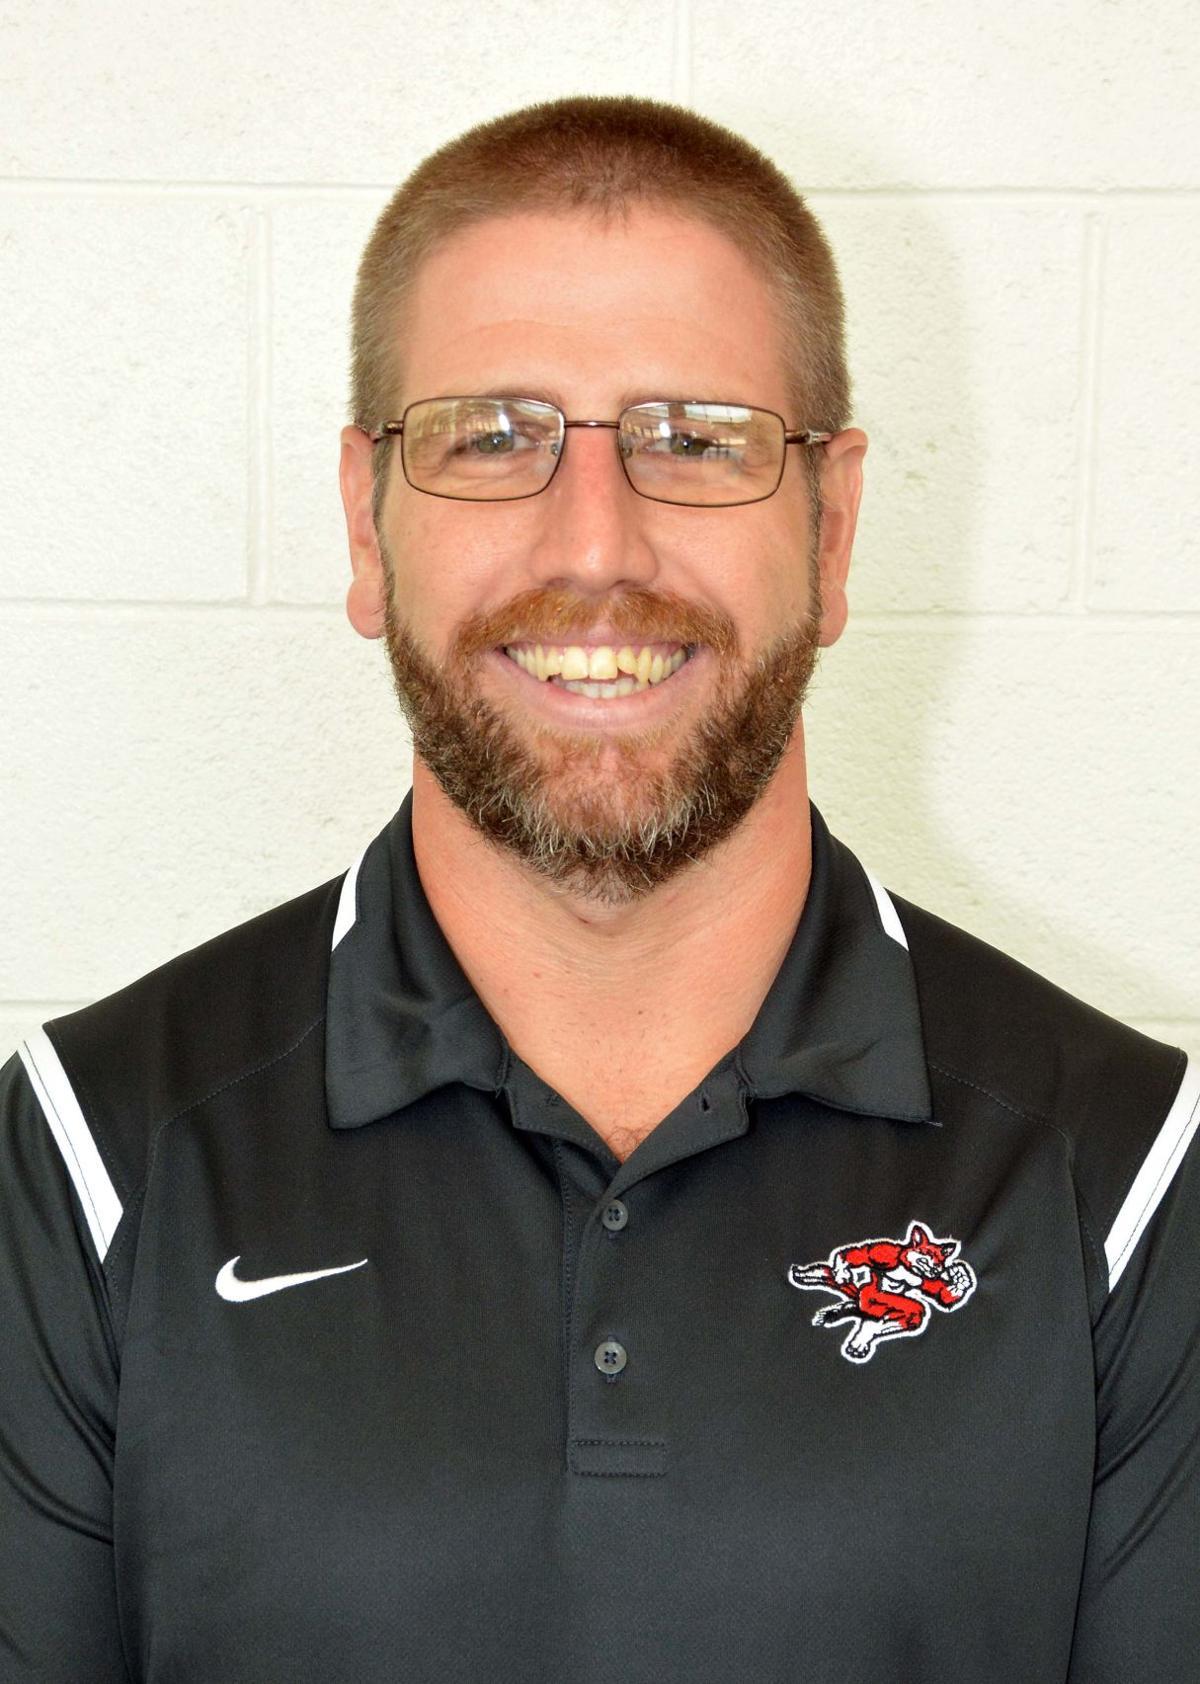 Frankie Humphrey hartsville track-field coach